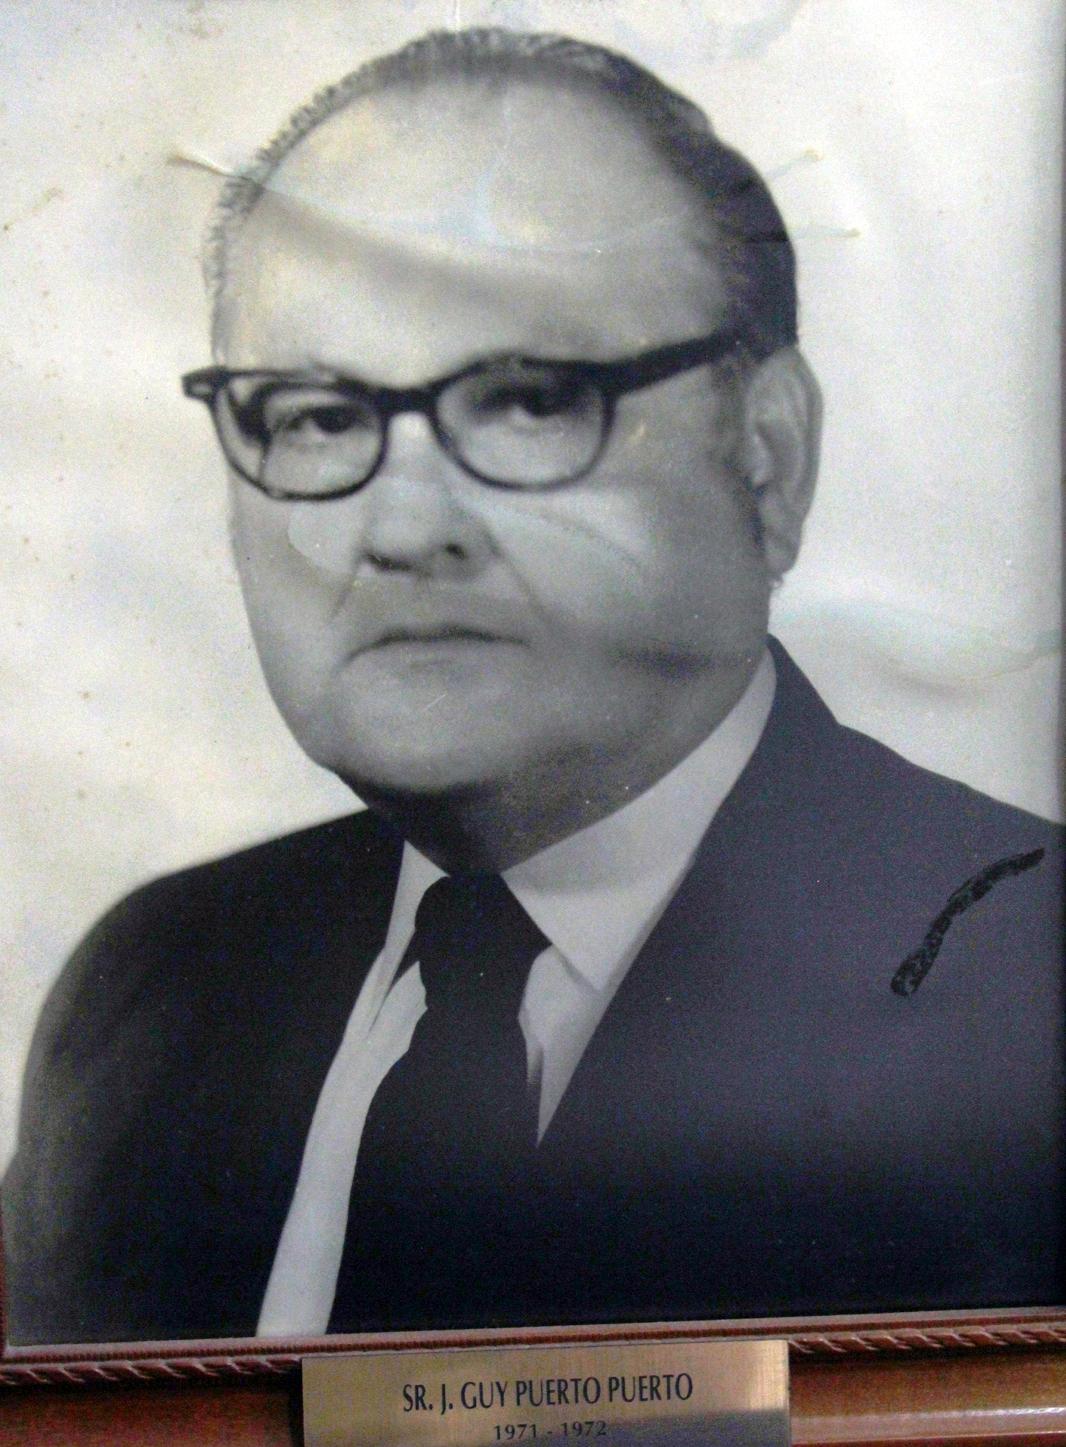 EMPRESARIO DISTINGUIDO SR. J. GUY PUERTO PUERTO